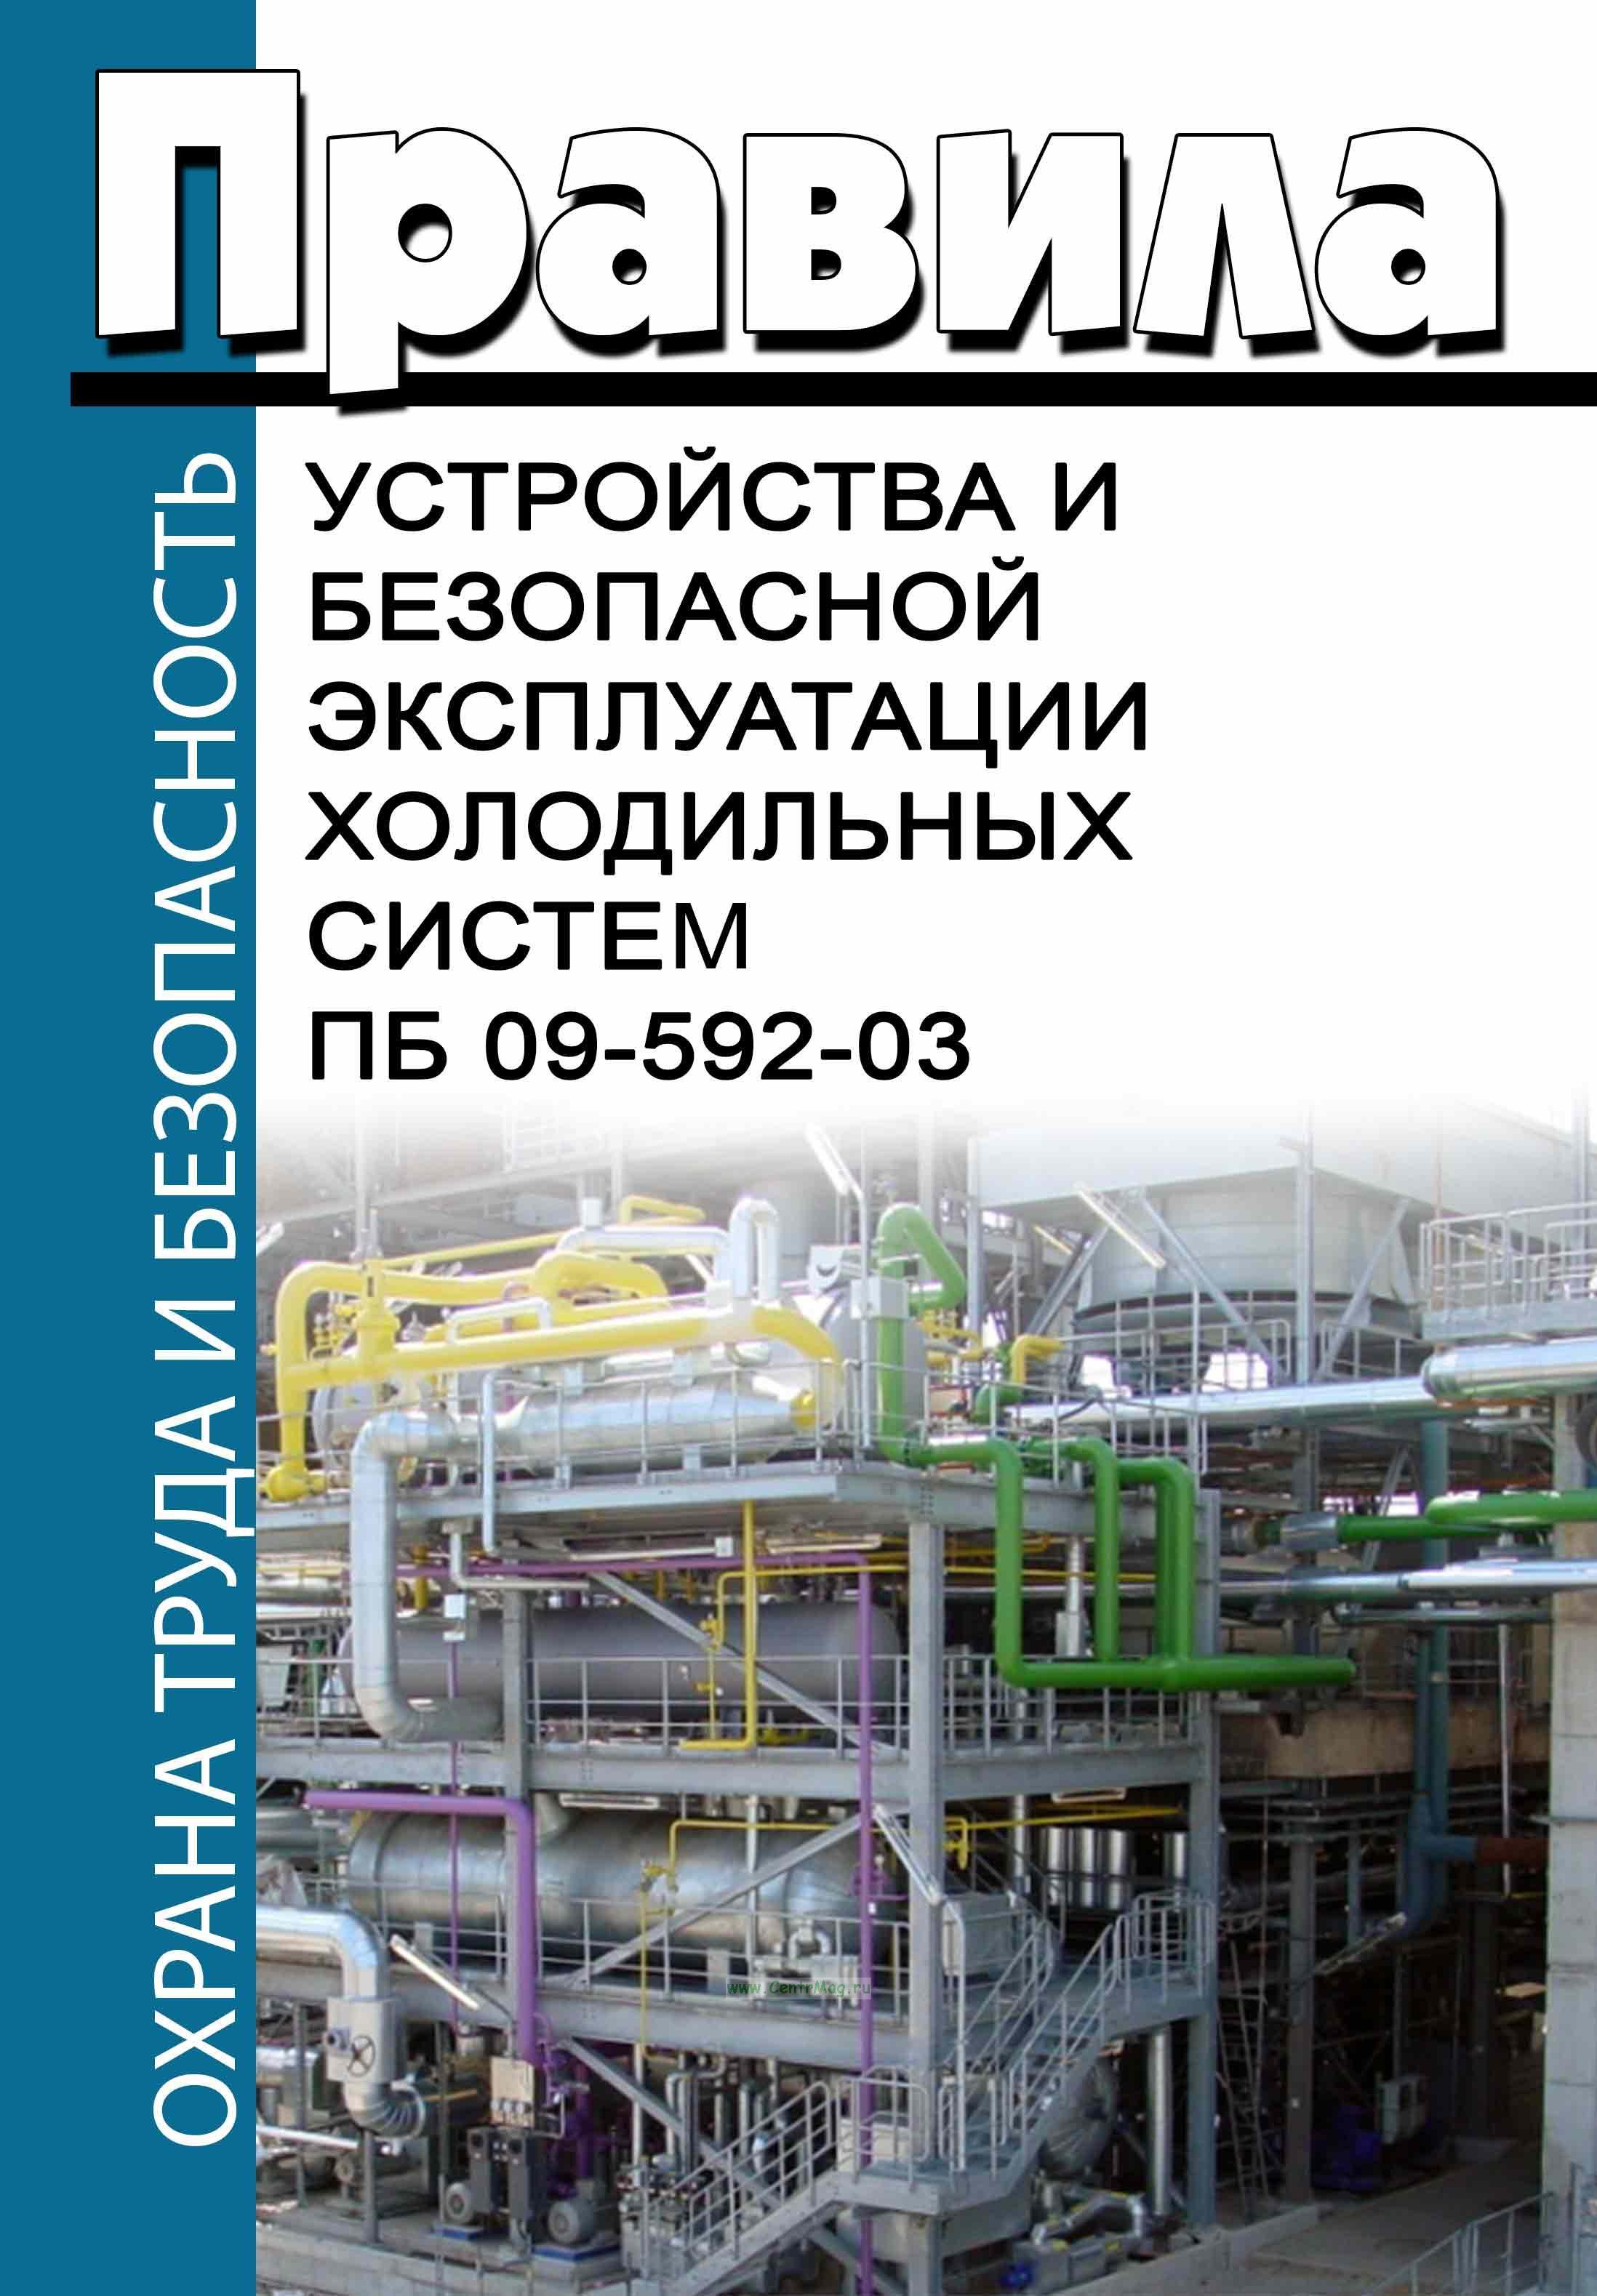 ПБ 09-592-03. Правила устройства и безопасной эксплуатации холодильных систем